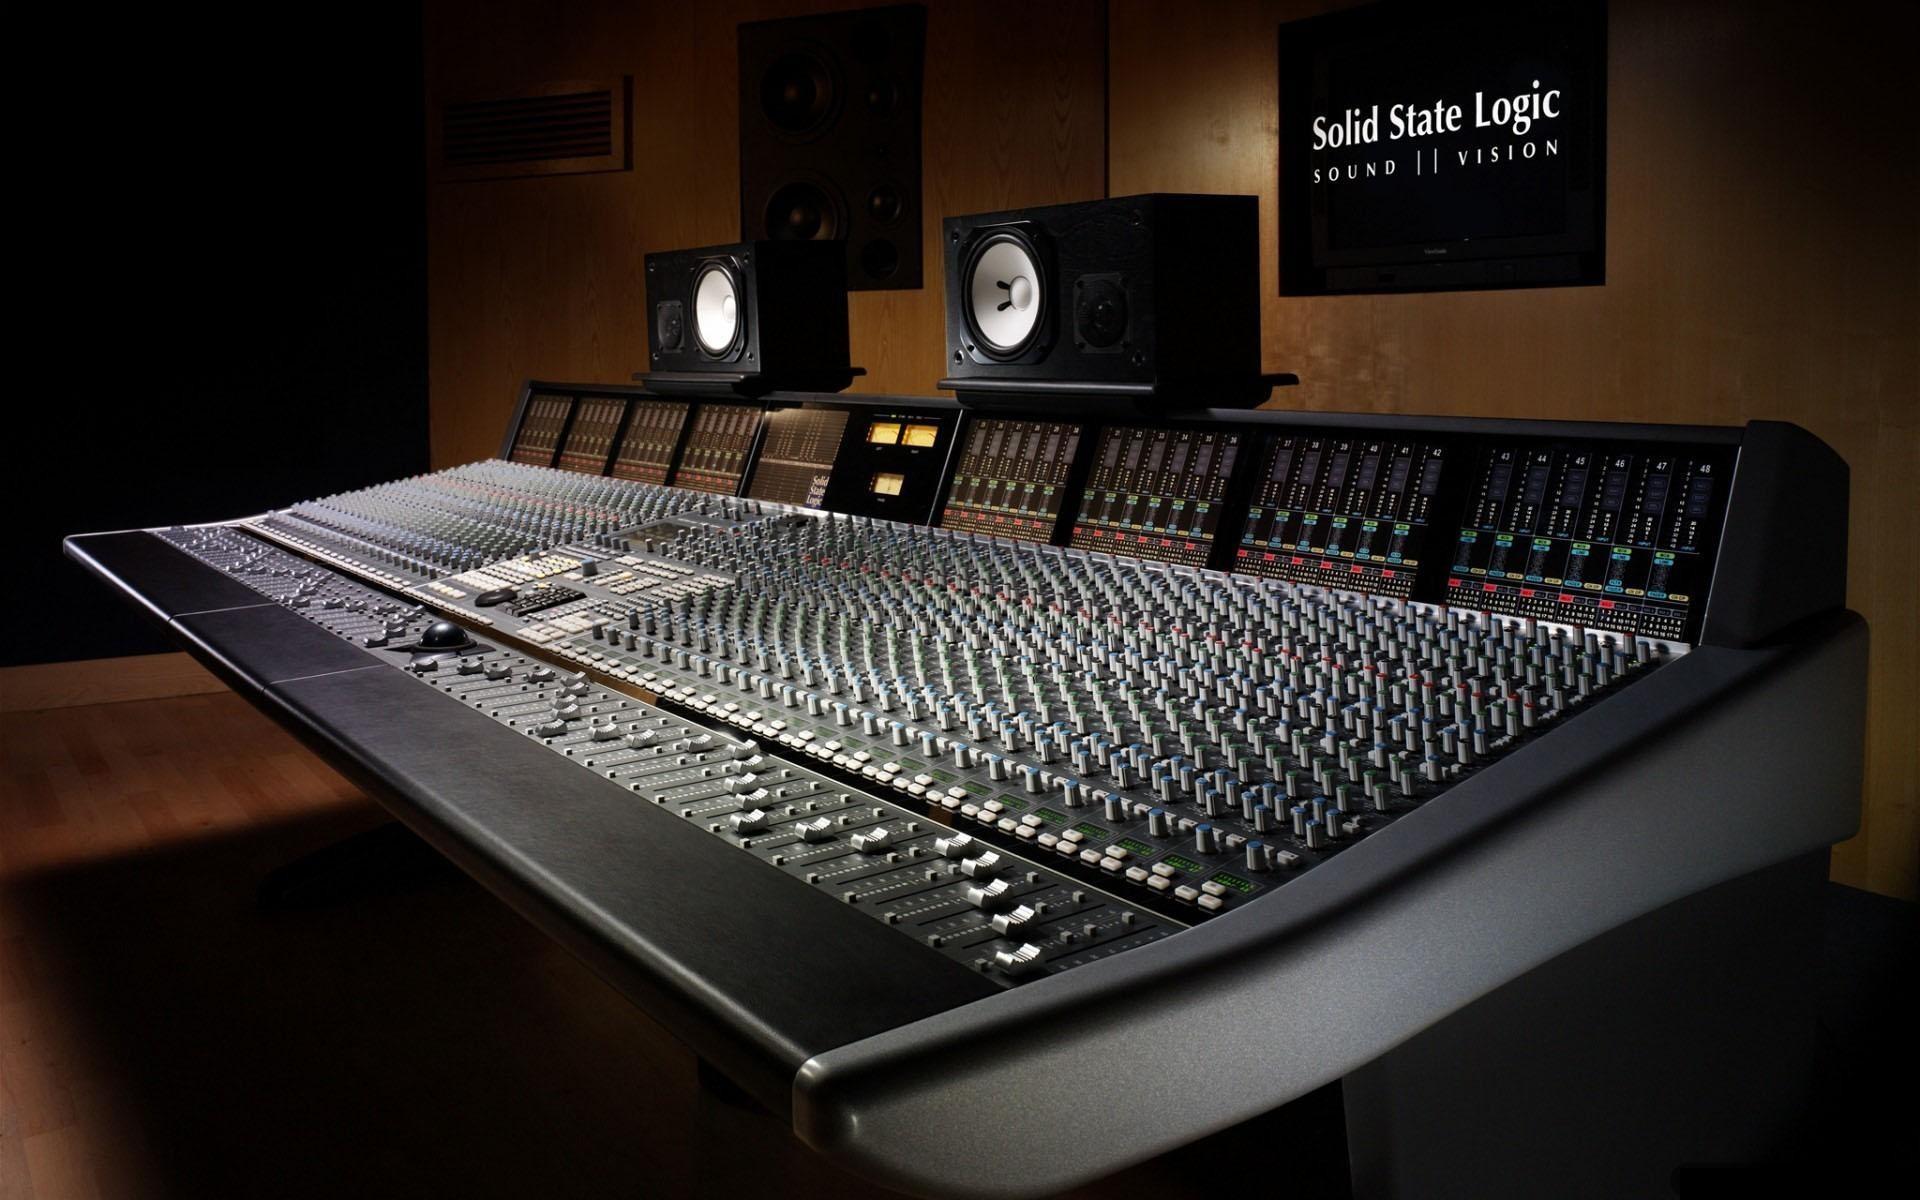 Music Studio Wallpaper 1920x1200 Music Studio Machines 1920x1200